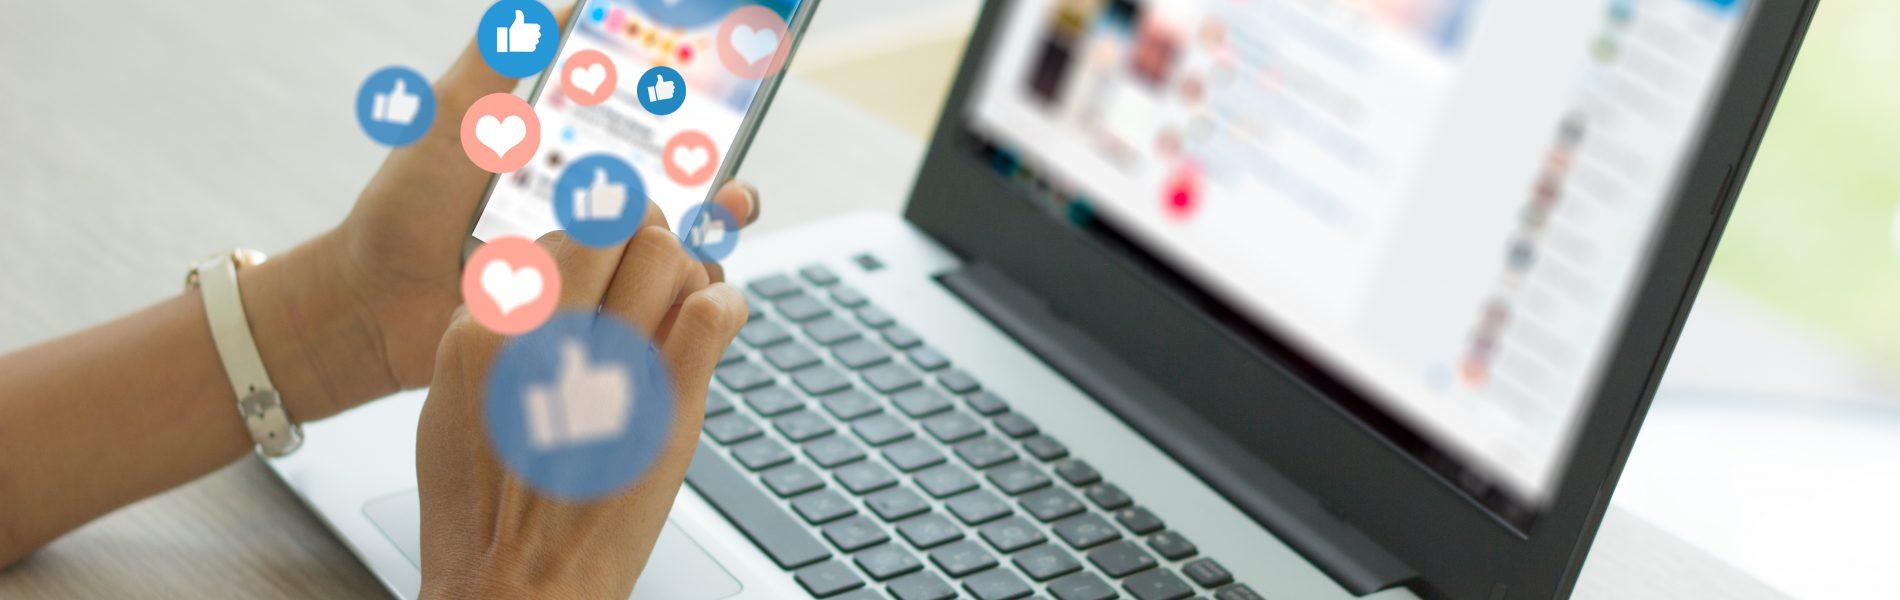 כמה כדאי להשקיע באינסטגרם או בפייסבוק כדי לקדם את העסק שלך?